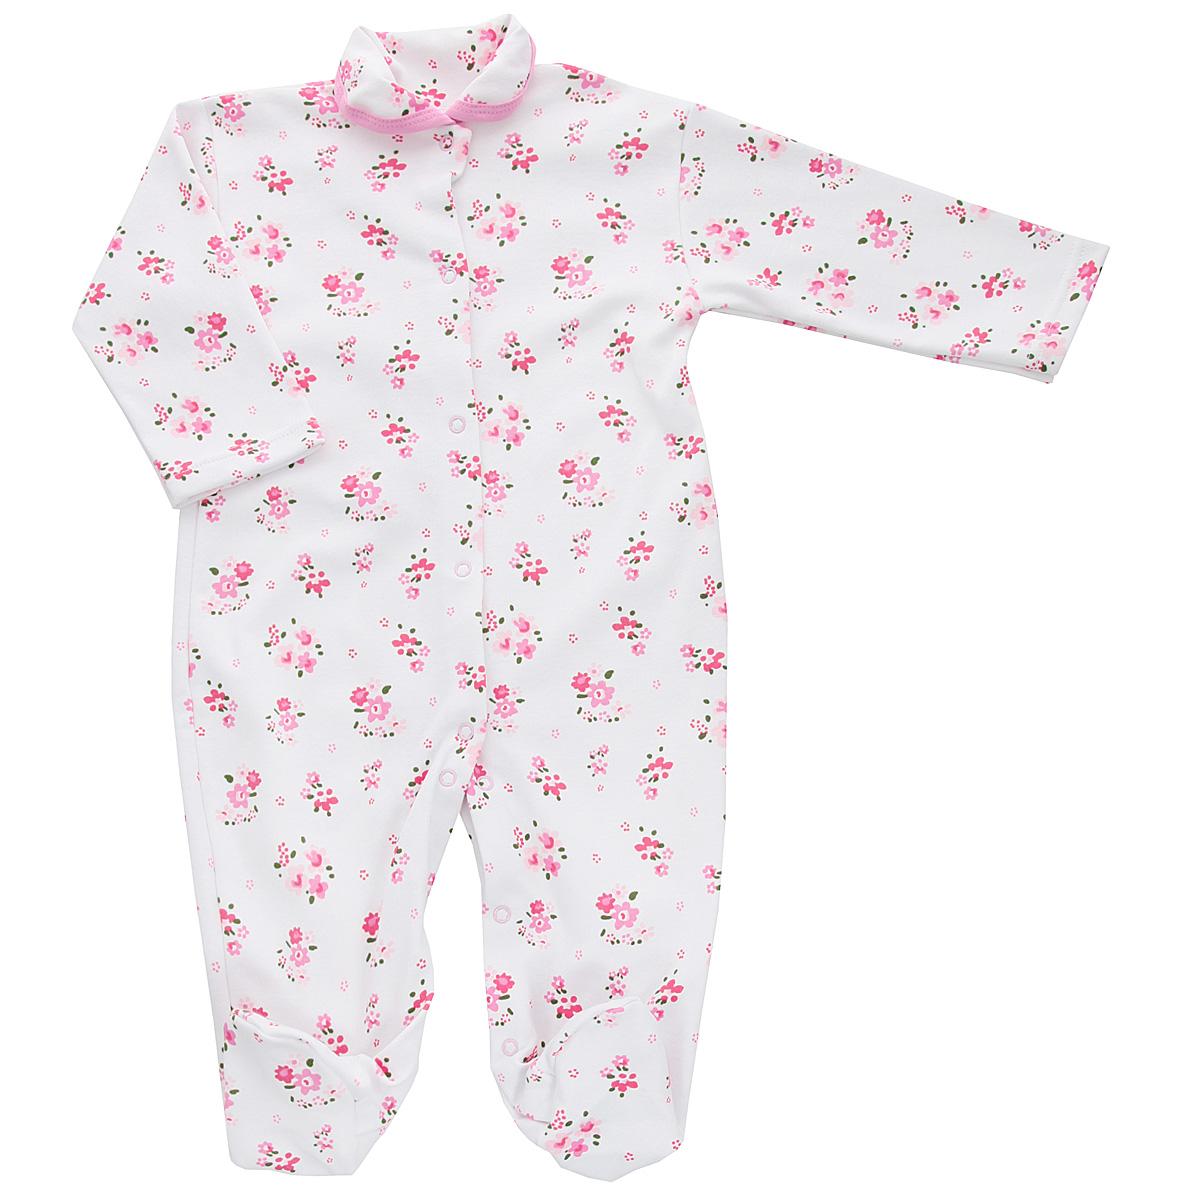 Комбинезон домашний5815_цветыКомбинезон для девочки Трон-Плюс - очень удобный и практичный вид одежды для малышей. Комбинезон выполнен из интерлока - натурального хлопка, благодаря чему он необычайно мягкий и приятный на ощупь, не раздражает нежную кожу ребенка, и хорошо вентилируются, а эластичные швы приятны телу малышки и не препятствуют ее движениям. Комбинезон с длинными рукавами, закрытыми ножками и отложным воротничком имеет застежки-кнопки от горловины до щиколоток, которые помогают легко переодеть младенца или сменить подгузник. Воротник по краю дополнен контрастной бейкой. Оформлено изделие ненавязчивым цветочным принтом. С детским комбинезоном спинка и ножки вашей малышки всегда будут в тепле, он идеален для использования днем и незаменим ночью. Комбинезон полностью соответствует особенностям жизни младенца в ранний период, не стесняя и не ограничивая его в движениях!